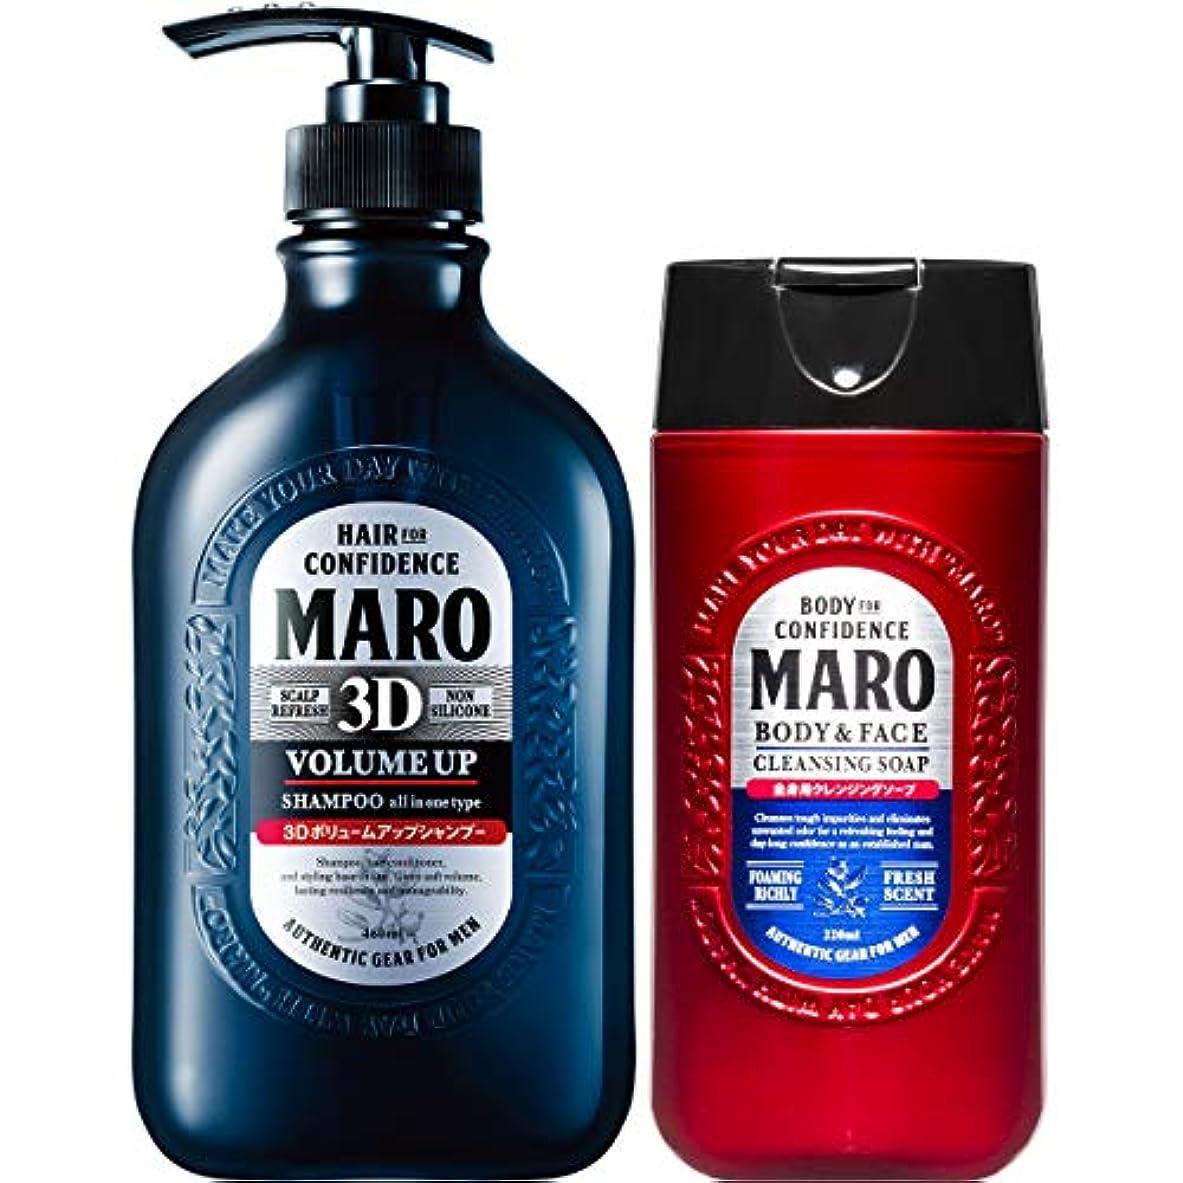 変動するフラフープ頑張るMARO(マーロ) ボリュームアップシャンプー、クレンジングソープ 本体 460ml+クレンジングソープ220ml